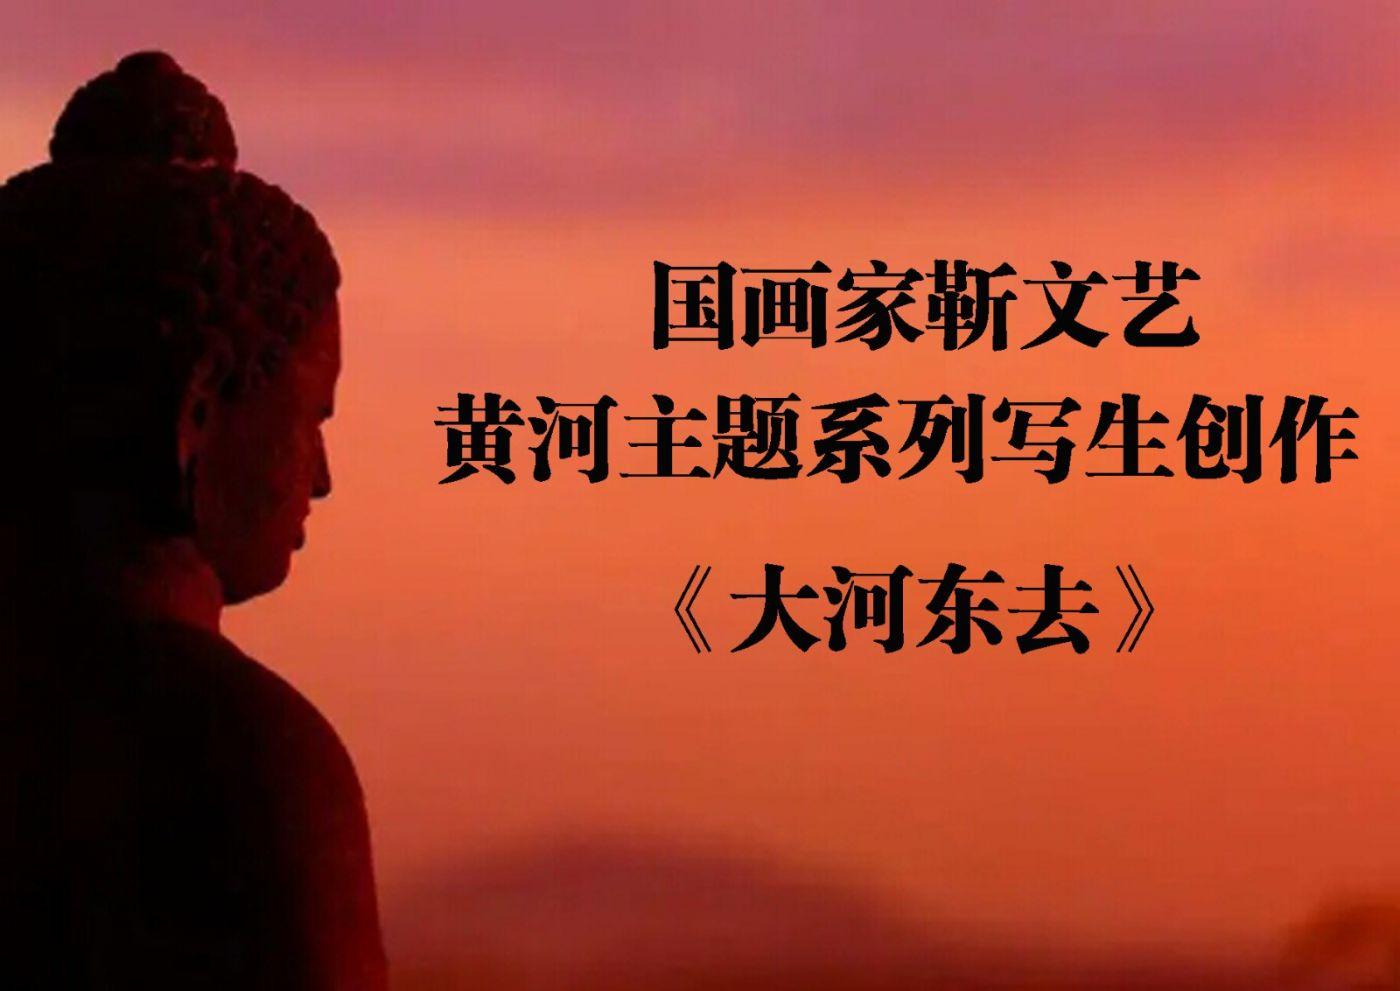 国画导师靳文艺黄河题材写生创作作品_图1-1